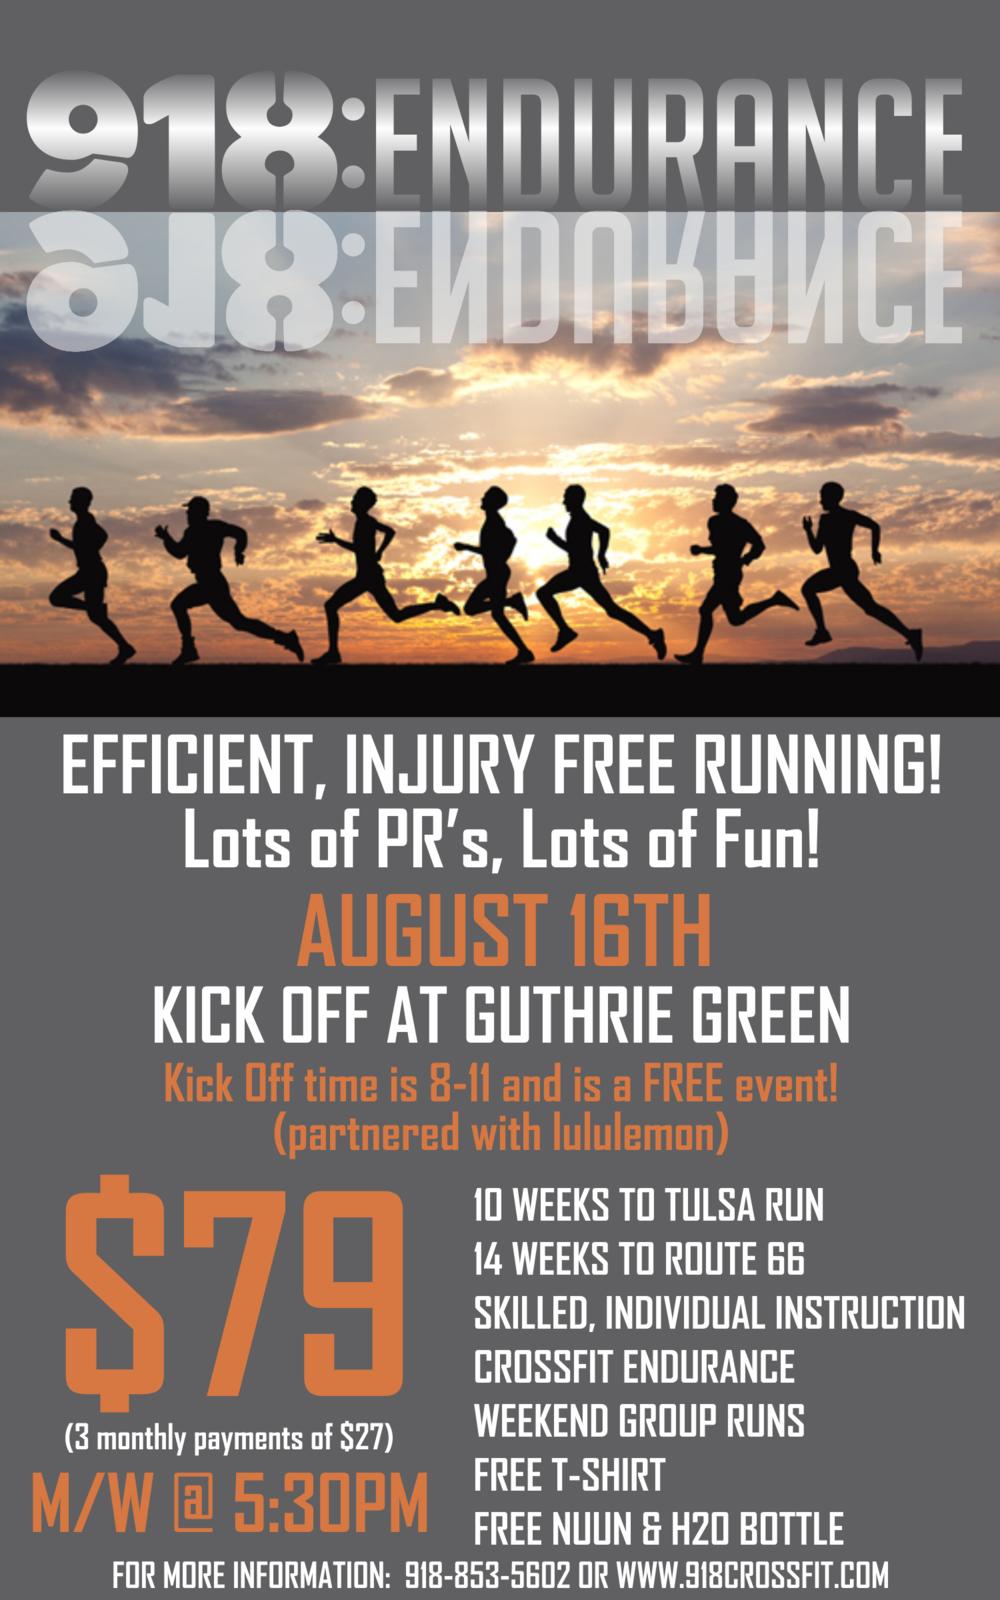 918Endurance Flyer 8-13-14.png